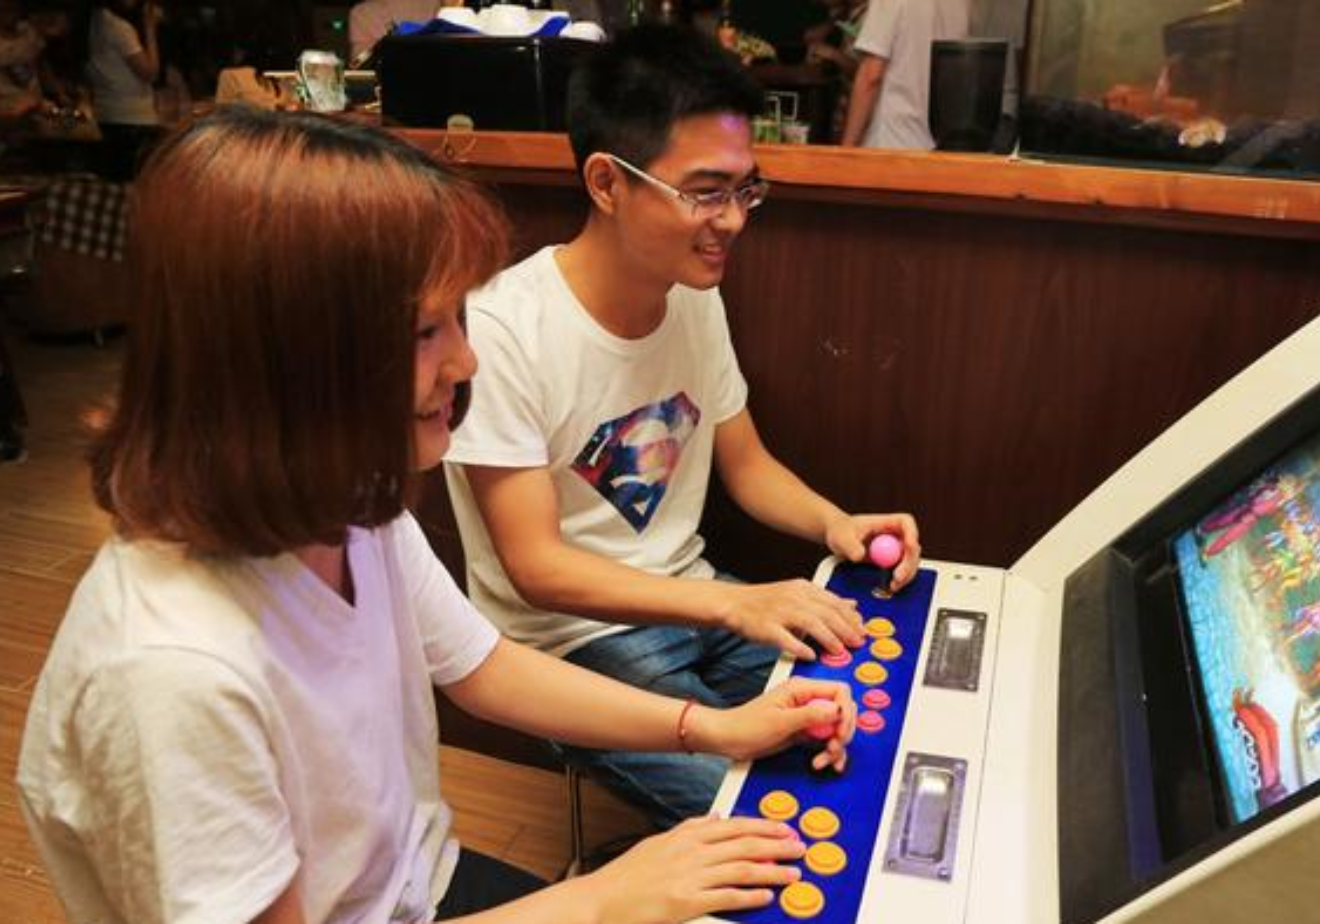 卖情怀的电玩游戏,富贵互娱揭秘捕鱼游戏持续火爆的原因